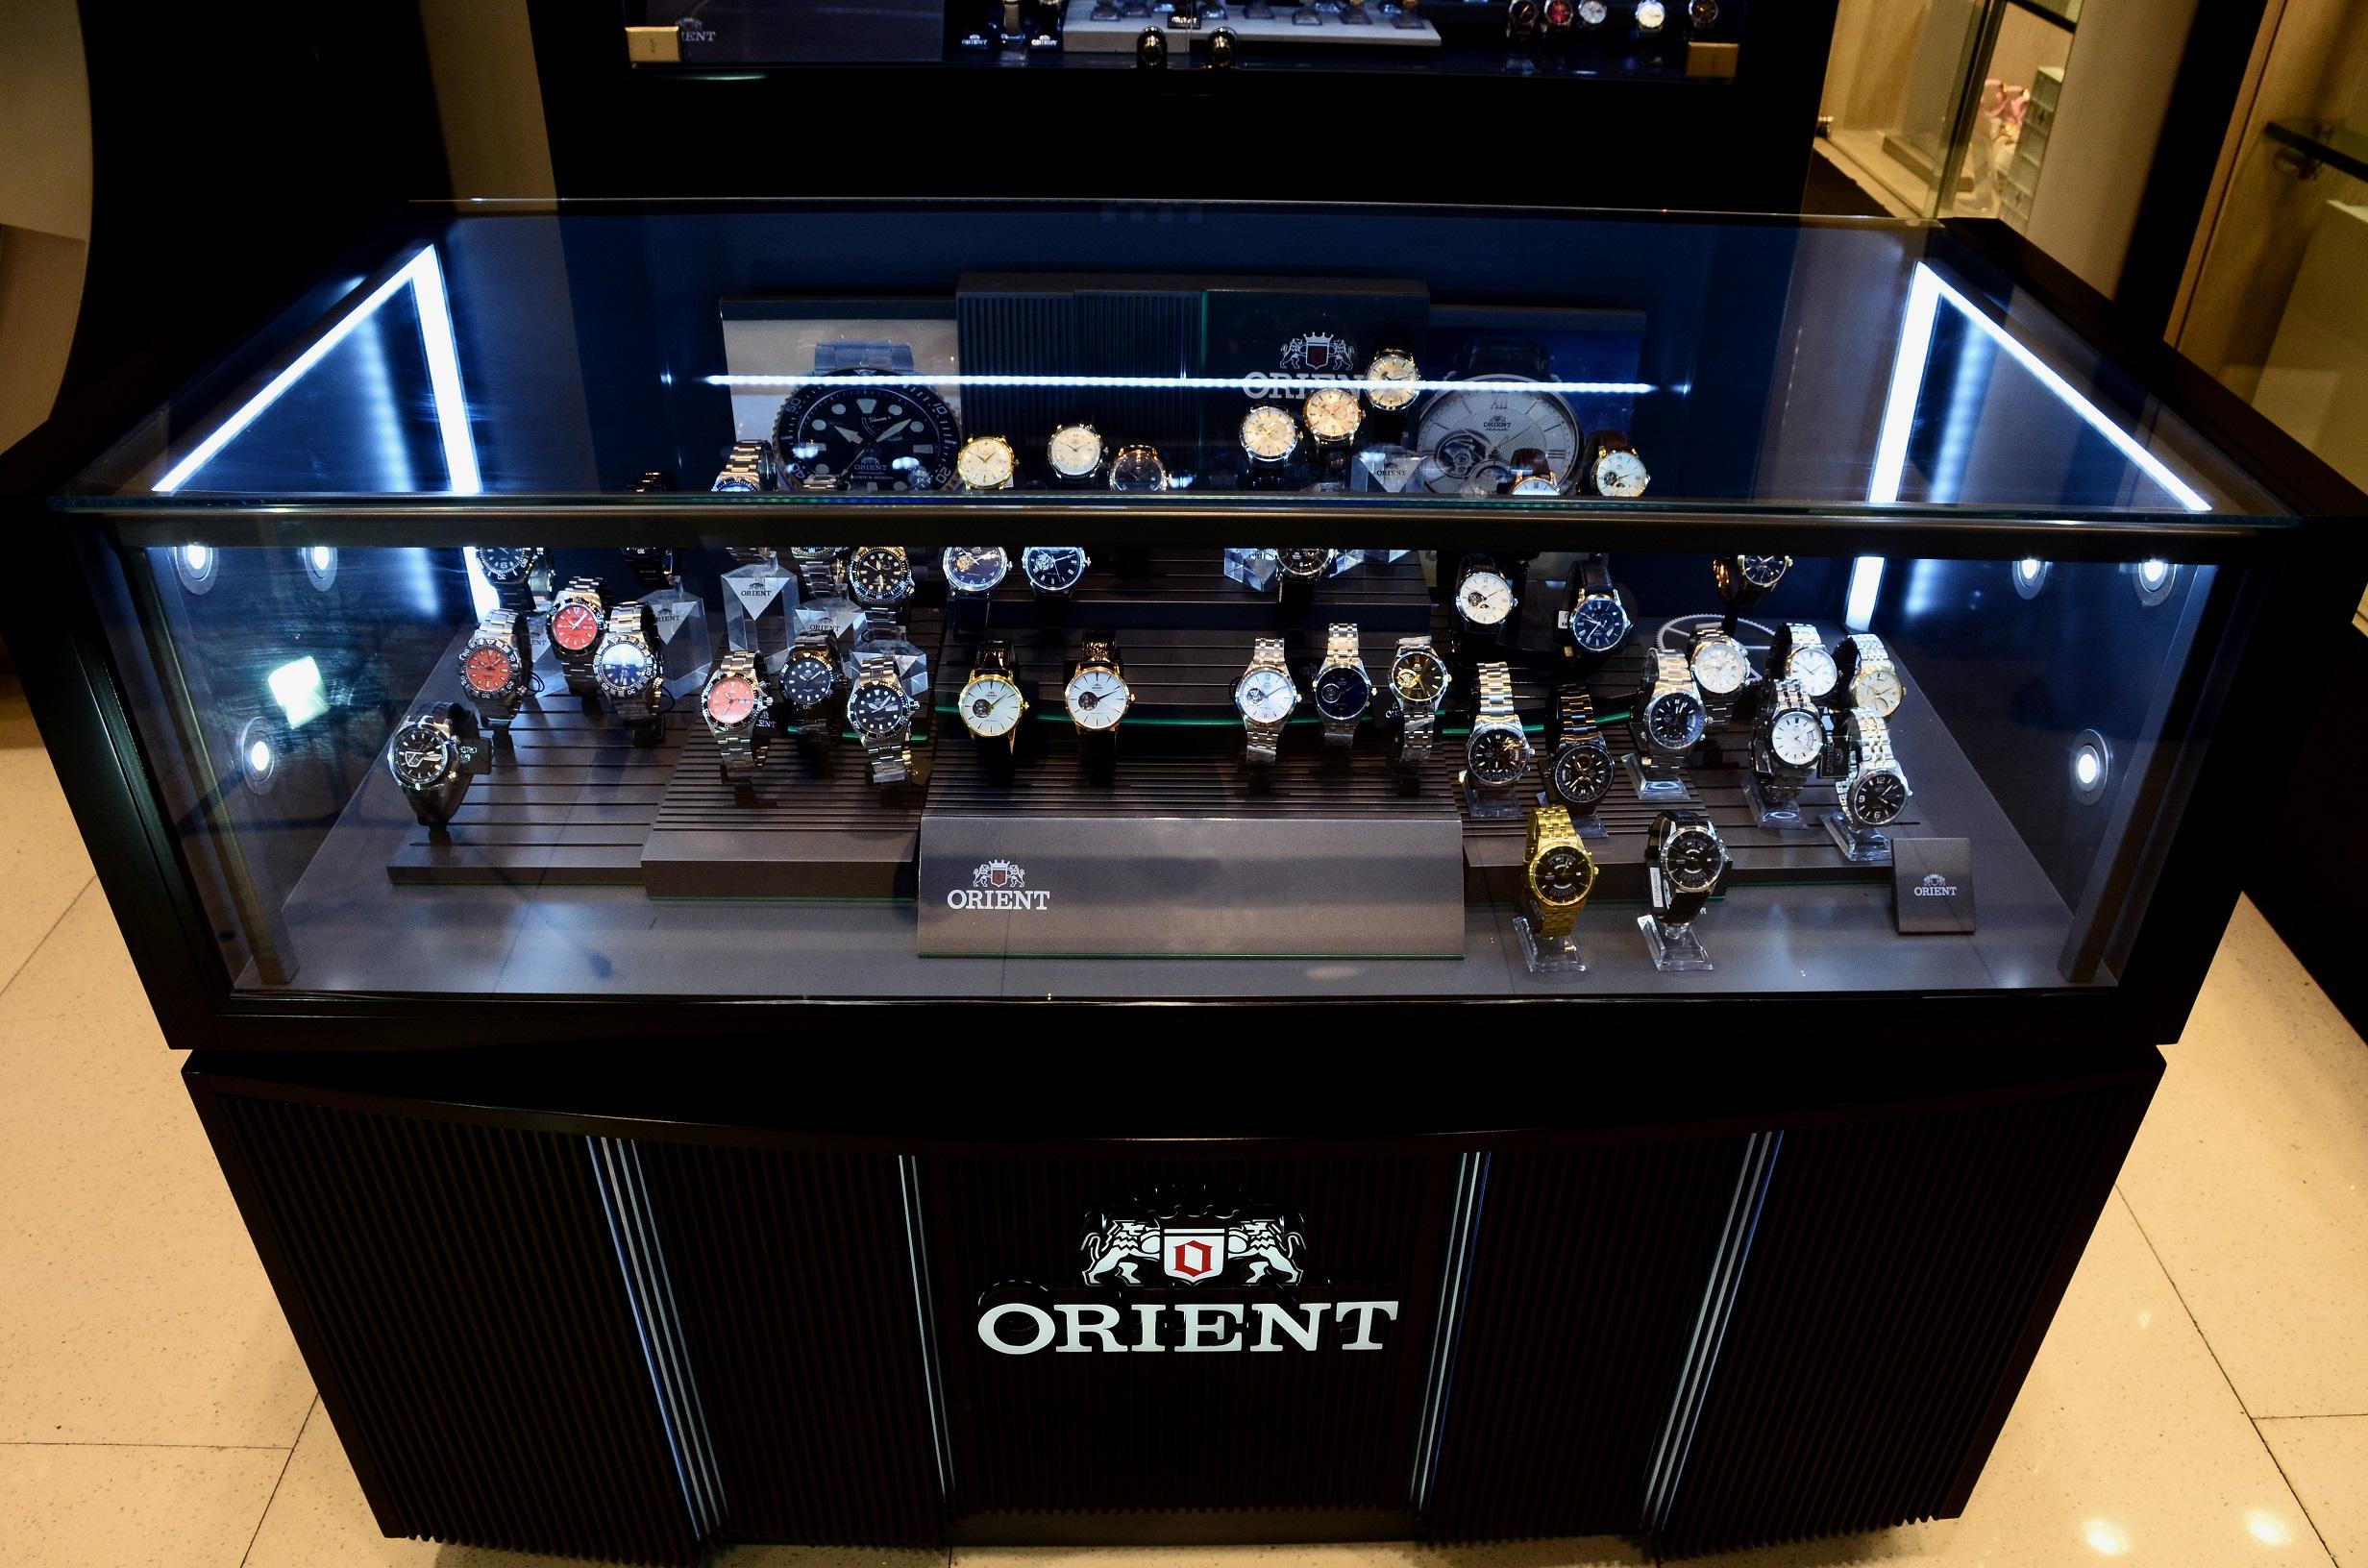 La firma de relojes Orient, fortalece su presencia en el mundo, en Colombia se consolida como la marca de tradición auténtica.